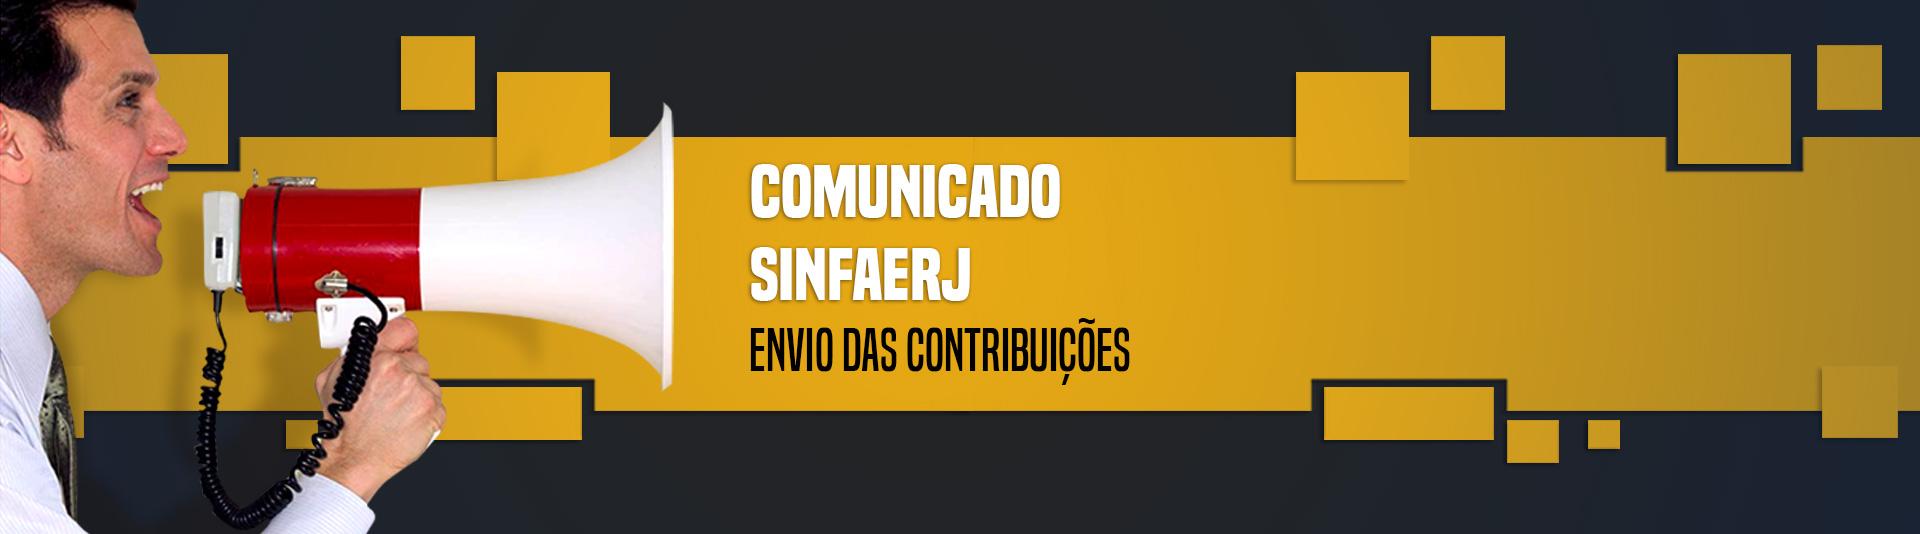 slider_comunicado_sinfaerj